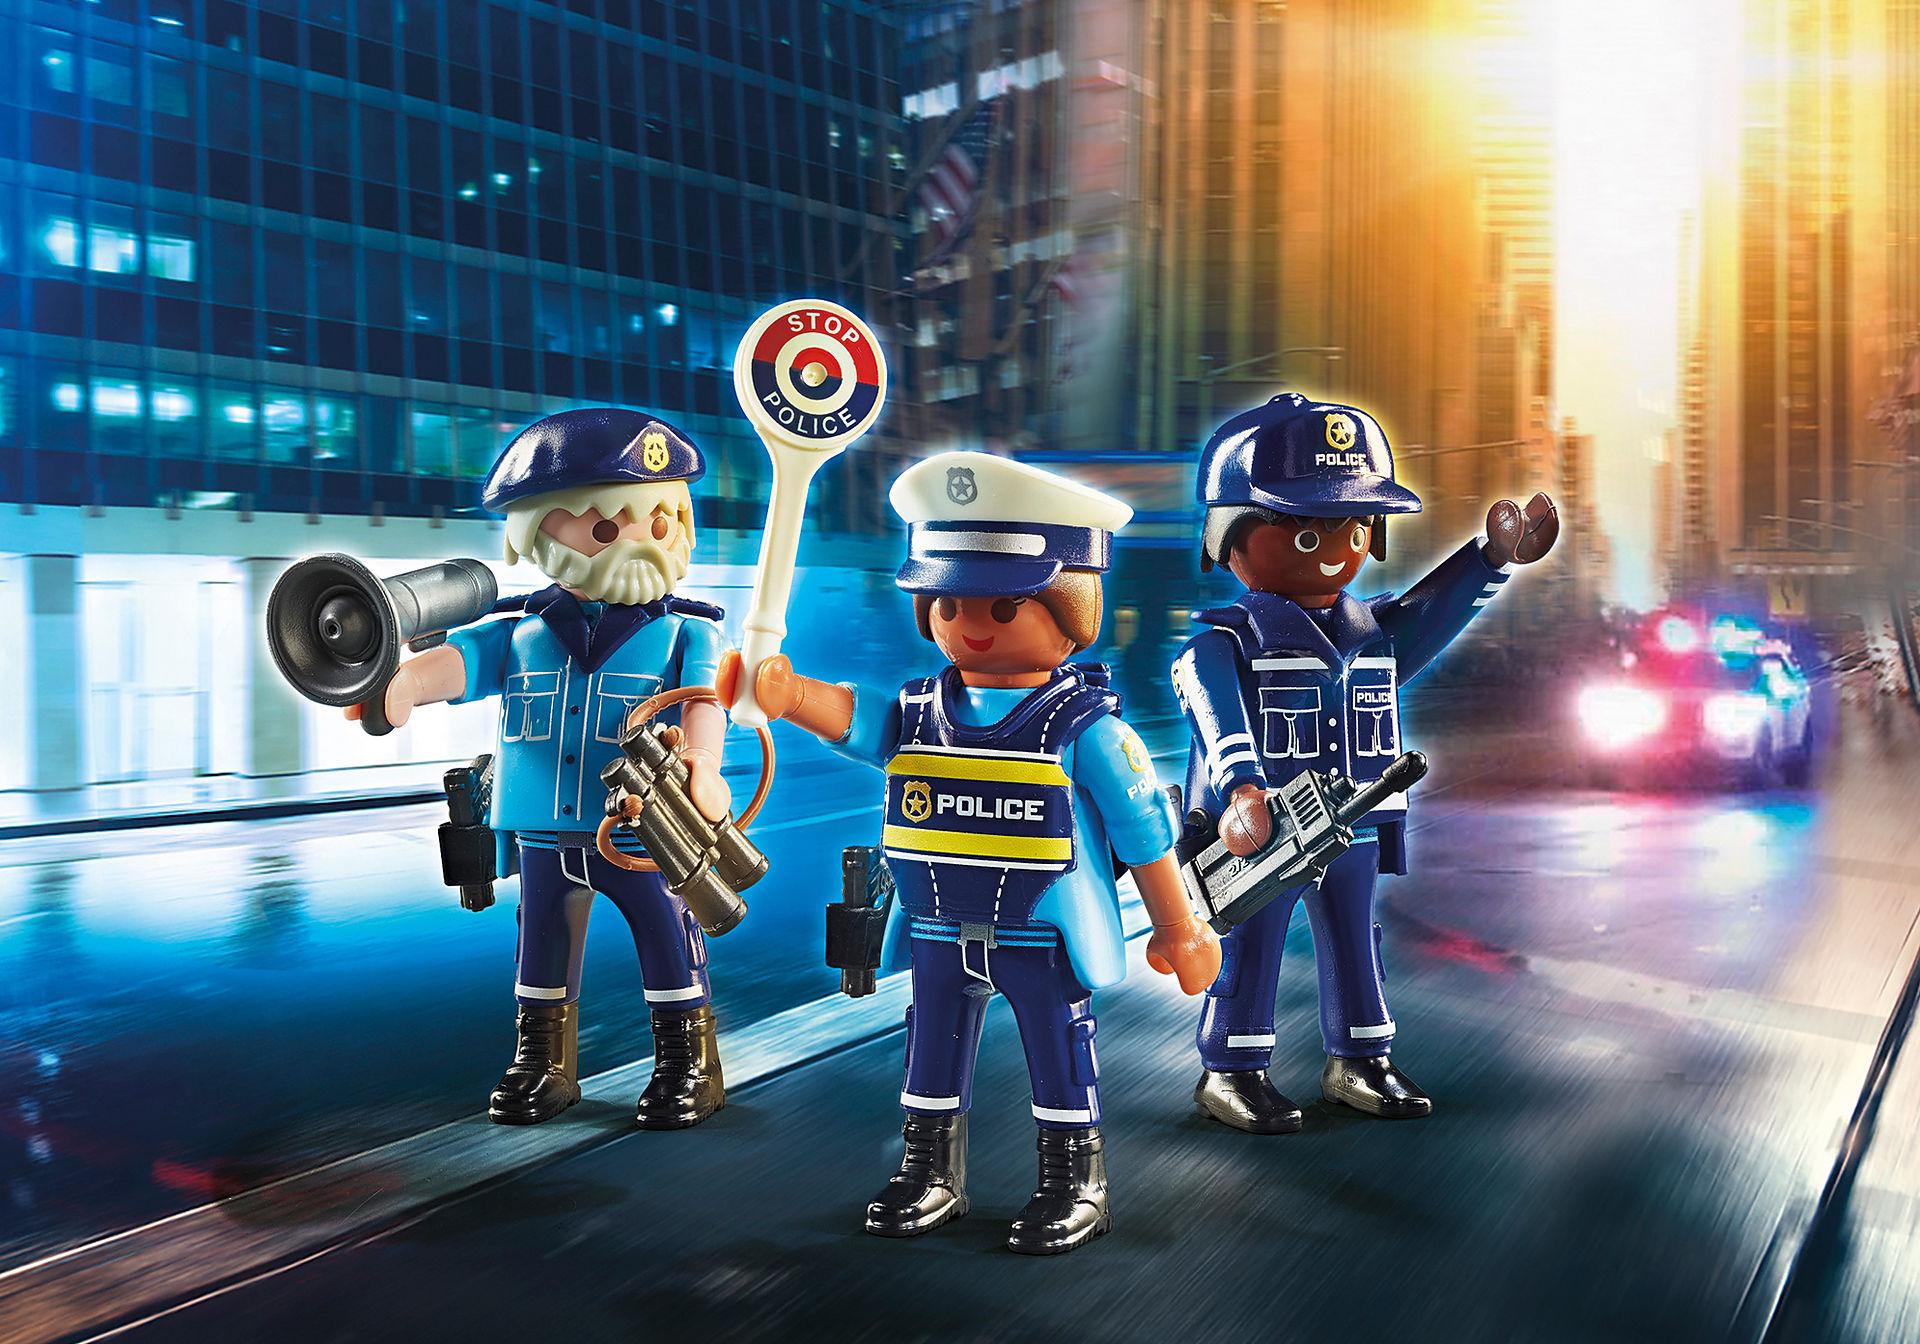 70669 Police Equipe de policiers zoom image1